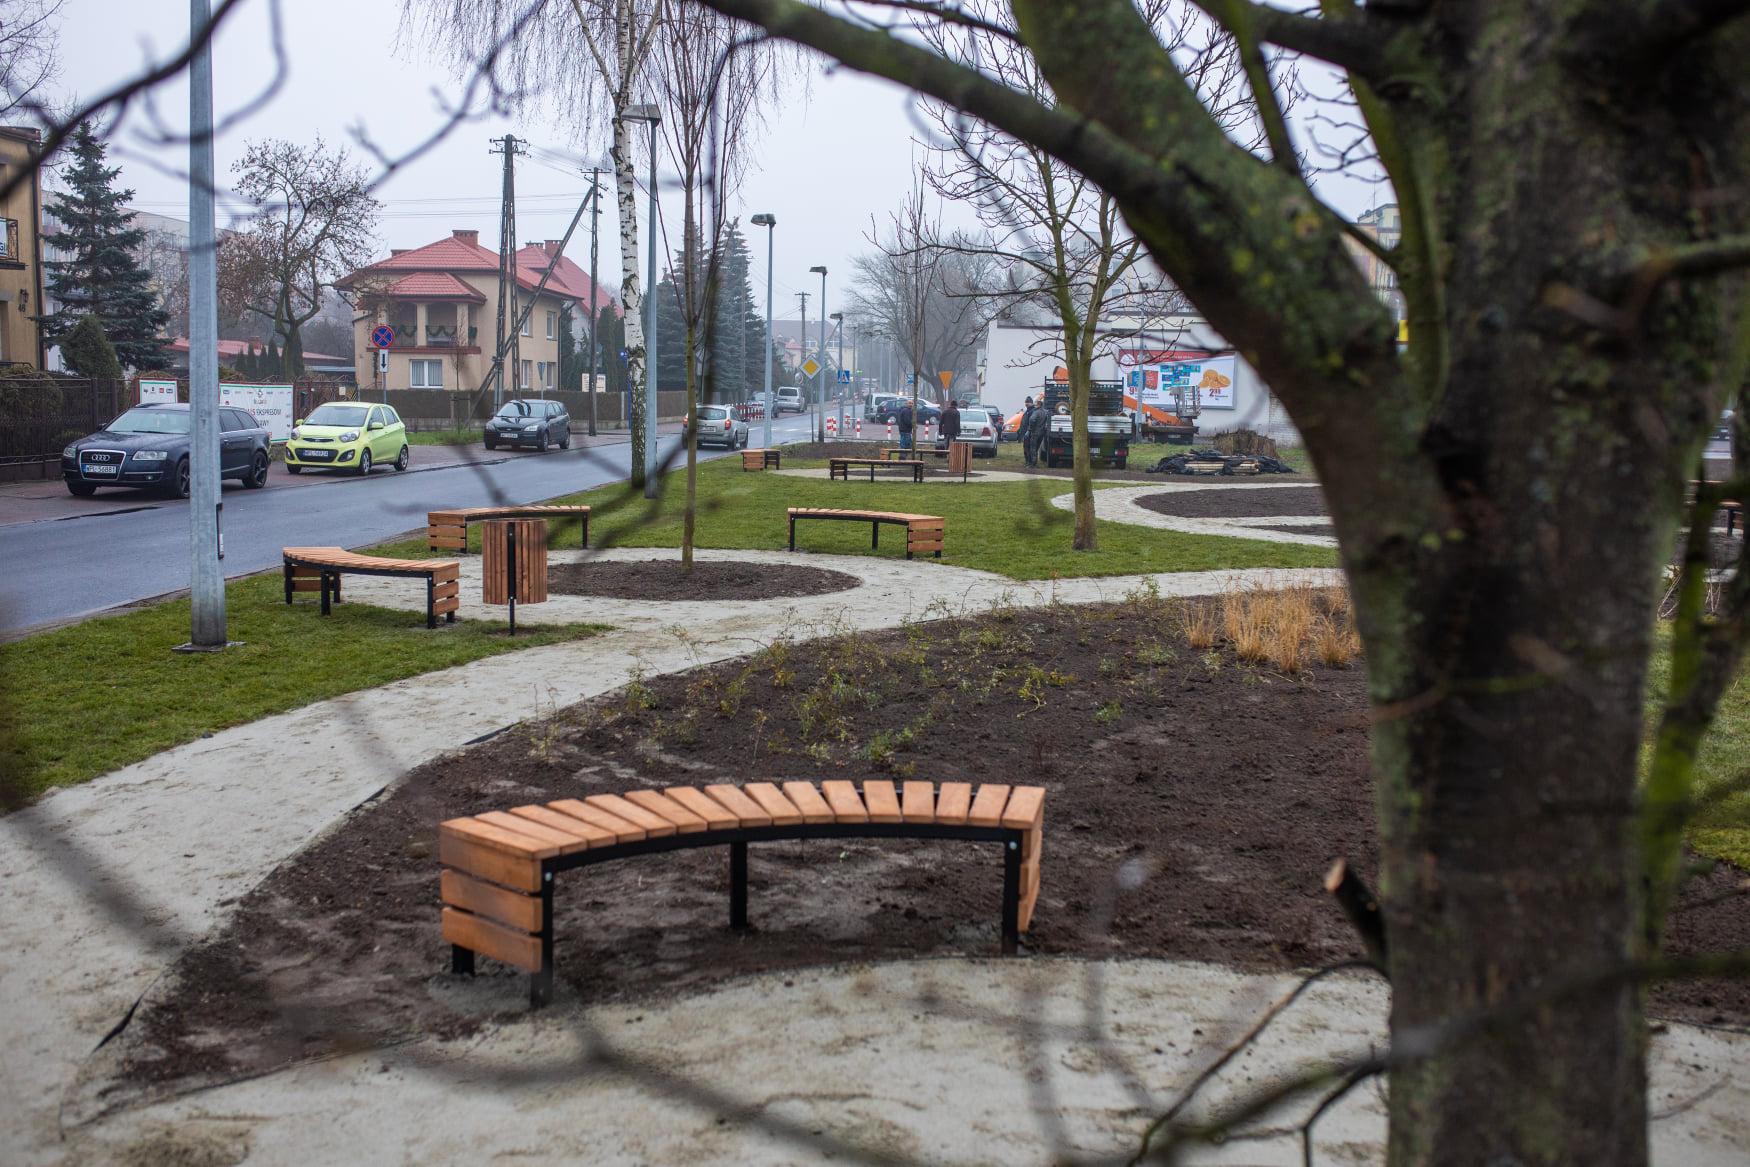 Nowy skwer w Płocku. Powstał u zbiegu ulic Kochanowskiego i Bielskiej - Zdjęcie główne